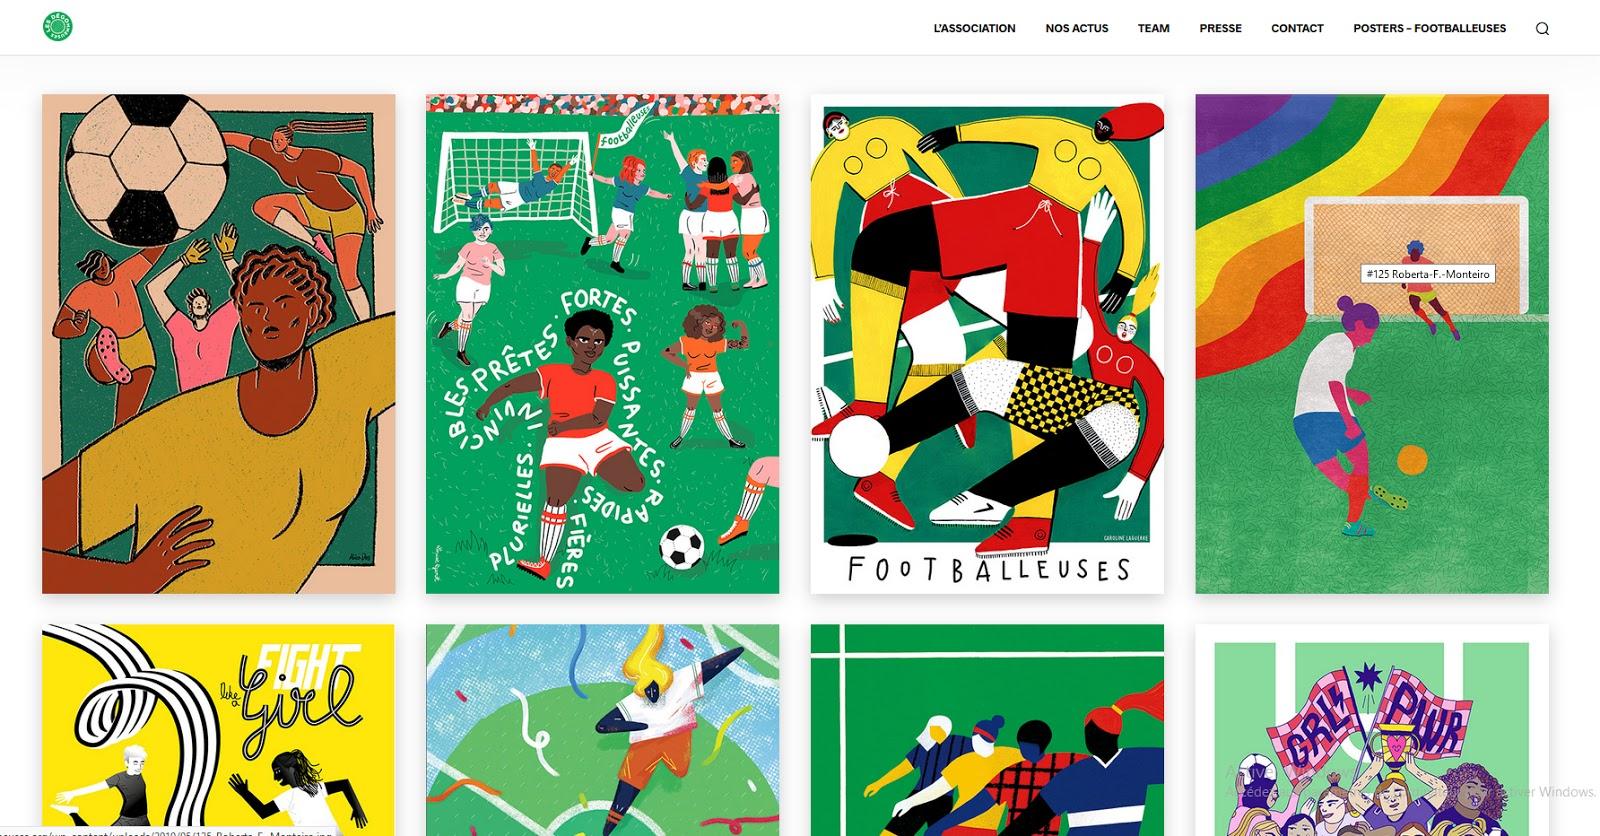 http://lesdegommeuses.org/posters/